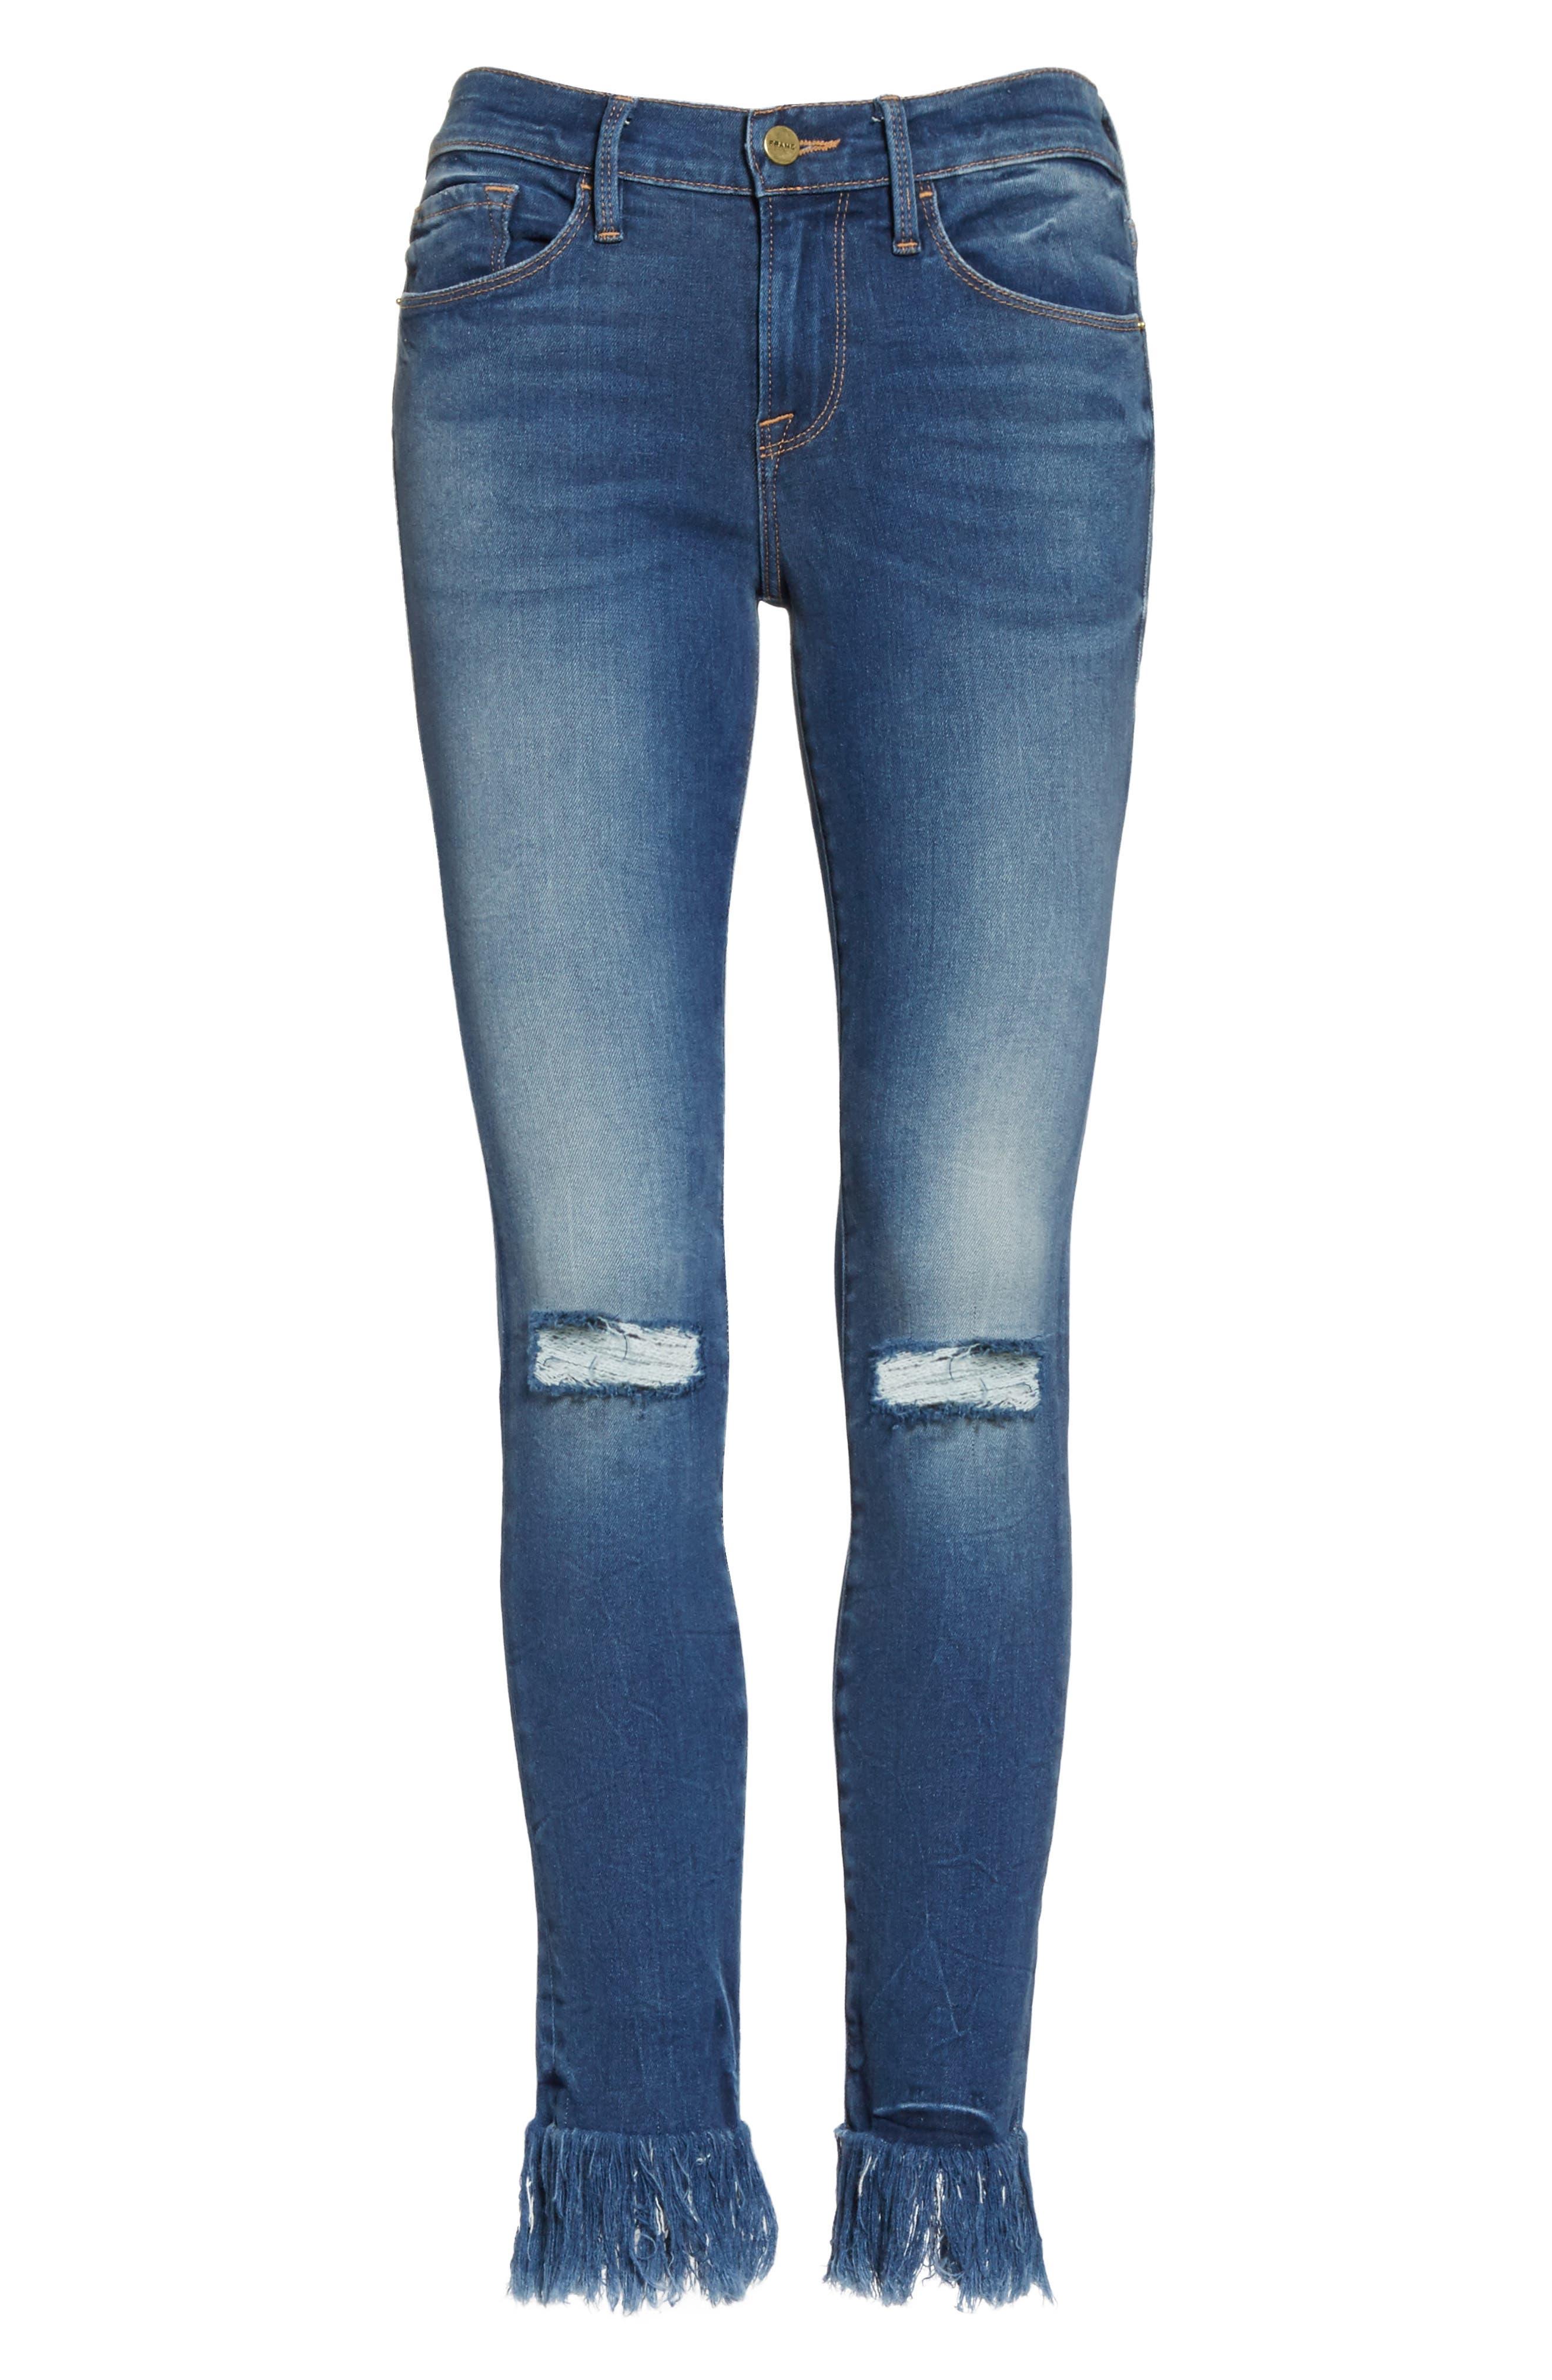 Le Skinny de Jeanne Shredded Raw Hem Jeans,                             Alternate thumbnail 7, color,